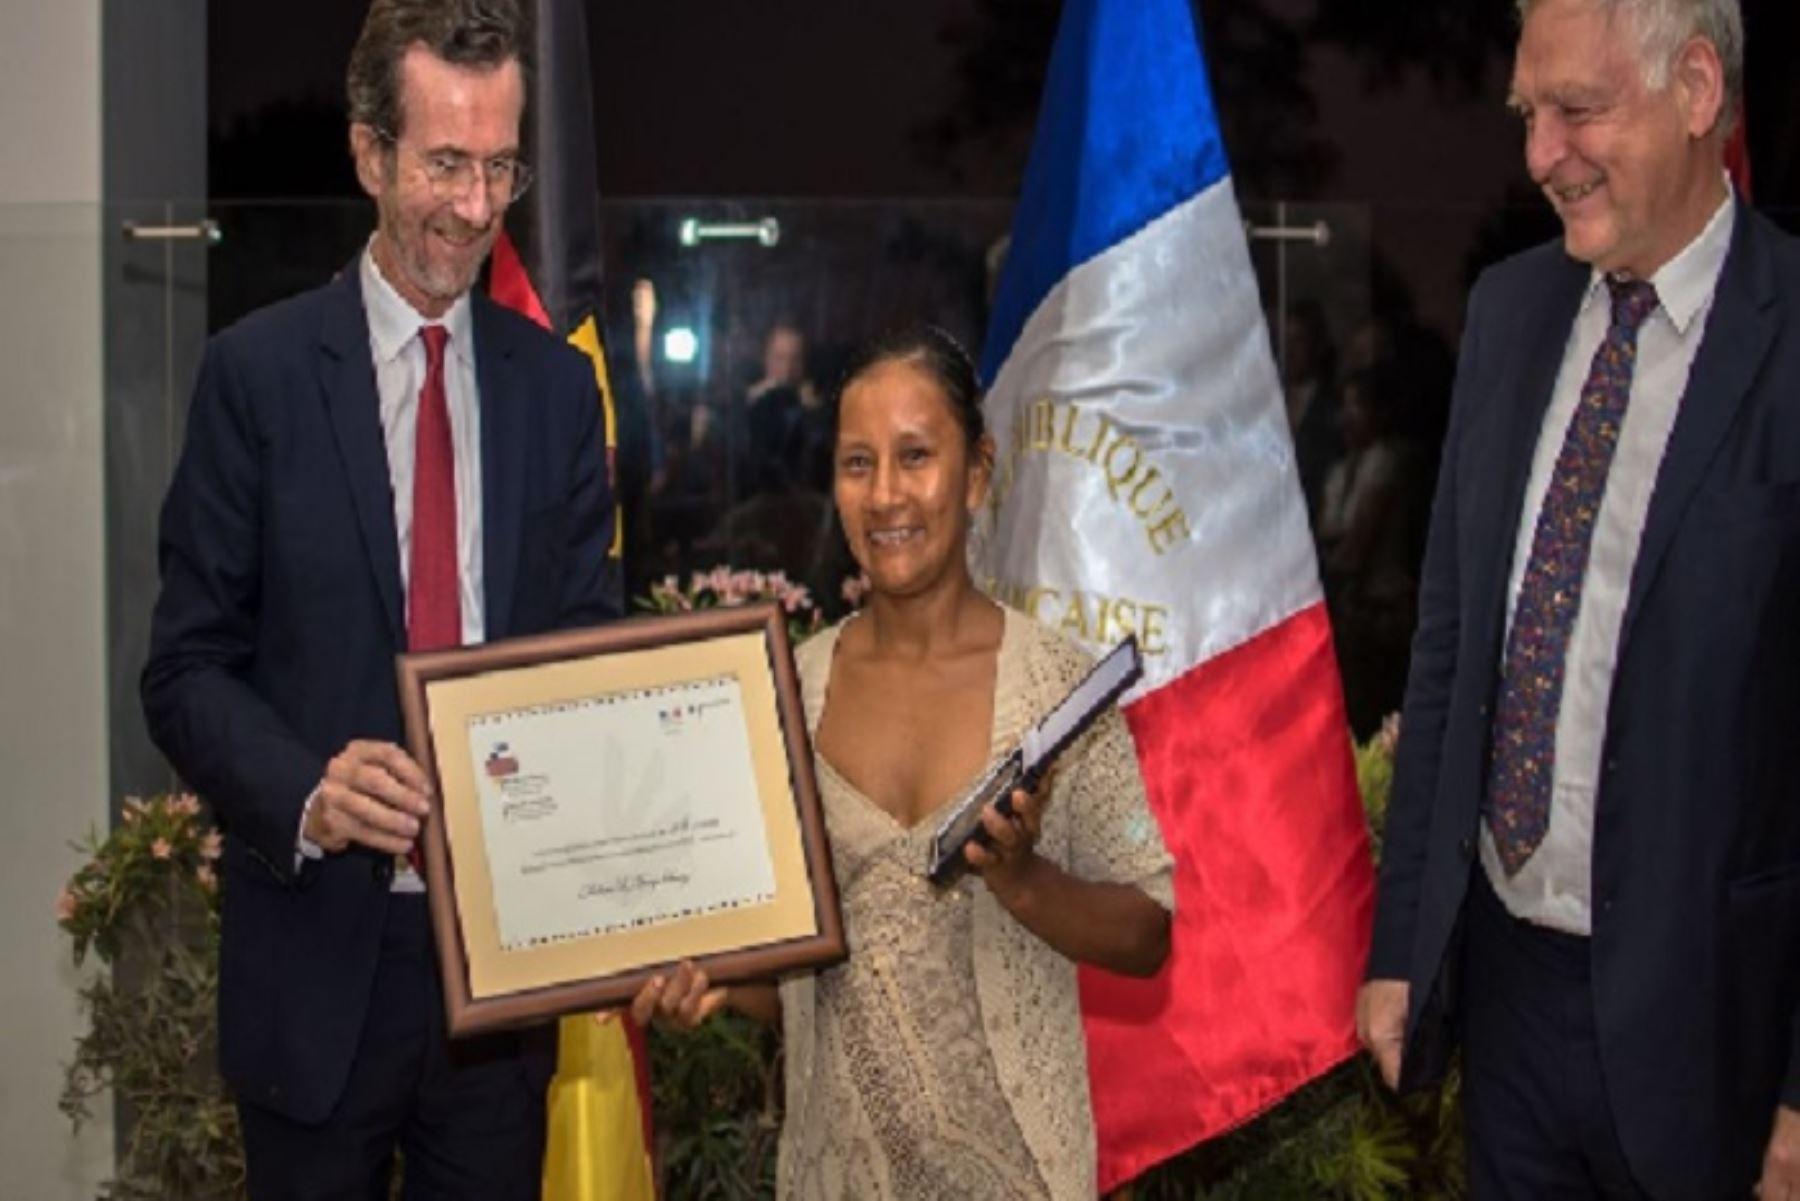 La lideresa amazónica Liz Chicaje Churay, que lucha por la seguridad territorial indígena, es una de los 15 galardonados con el Premio Franco-Alemán de Derechos Humanos y Estado de Derecho. Ella fue una persona clave para que el Parque Nacional Yaguas se vuelva realidad en enero de 2018.